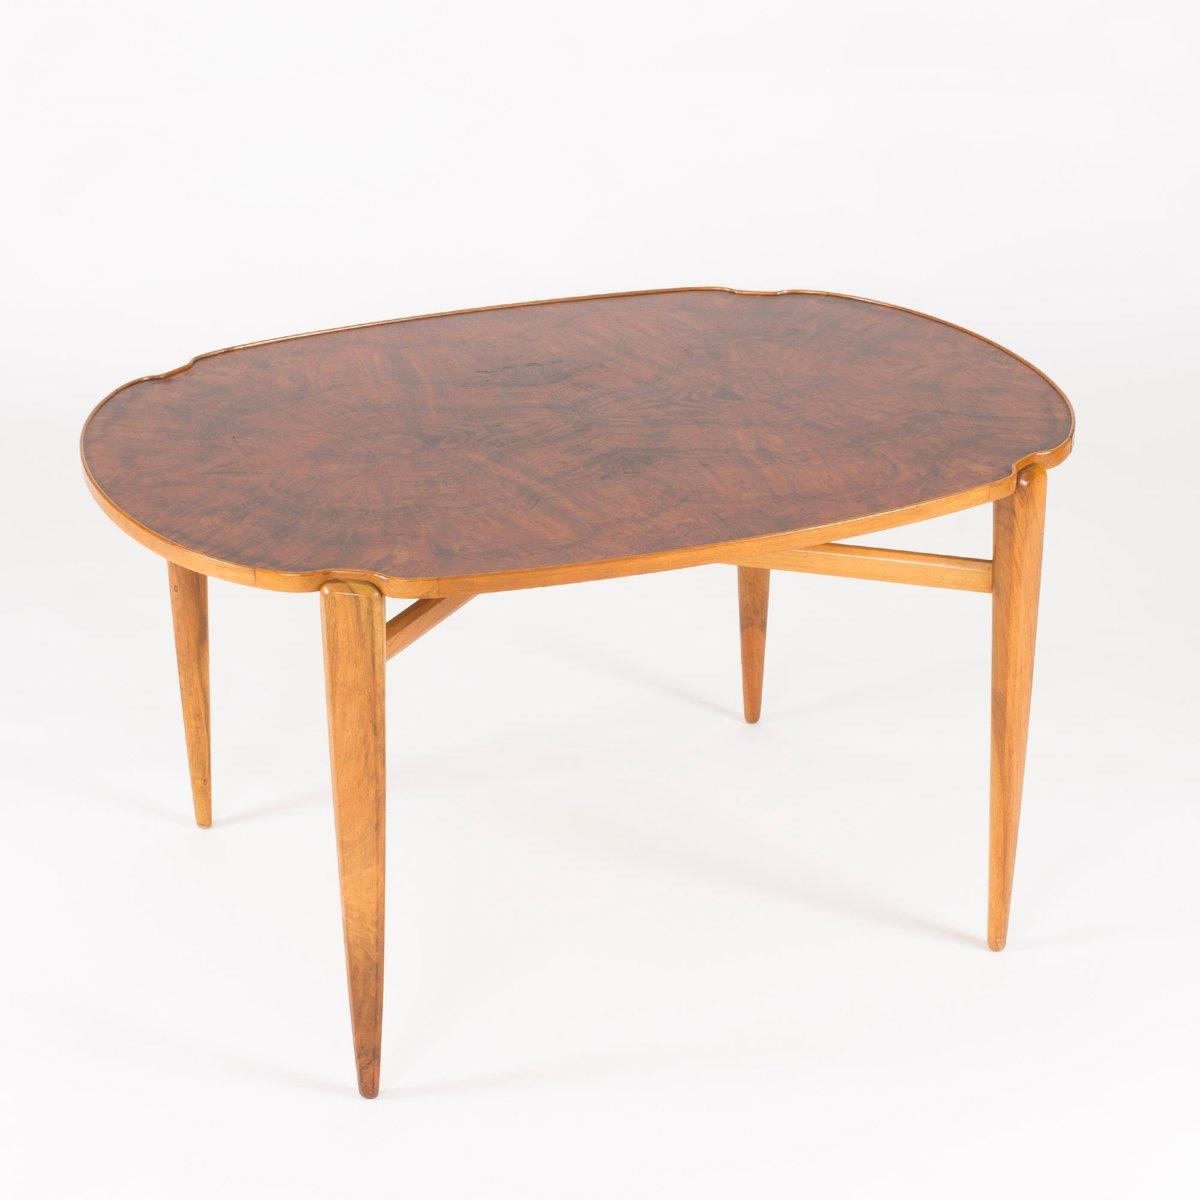 walnuss wurzelholz couchtisch von axel larsson f r hjalmar jackson 1940er bei pamono kaufen. Black Bedroom Furniture Sets. Home Design Ideas